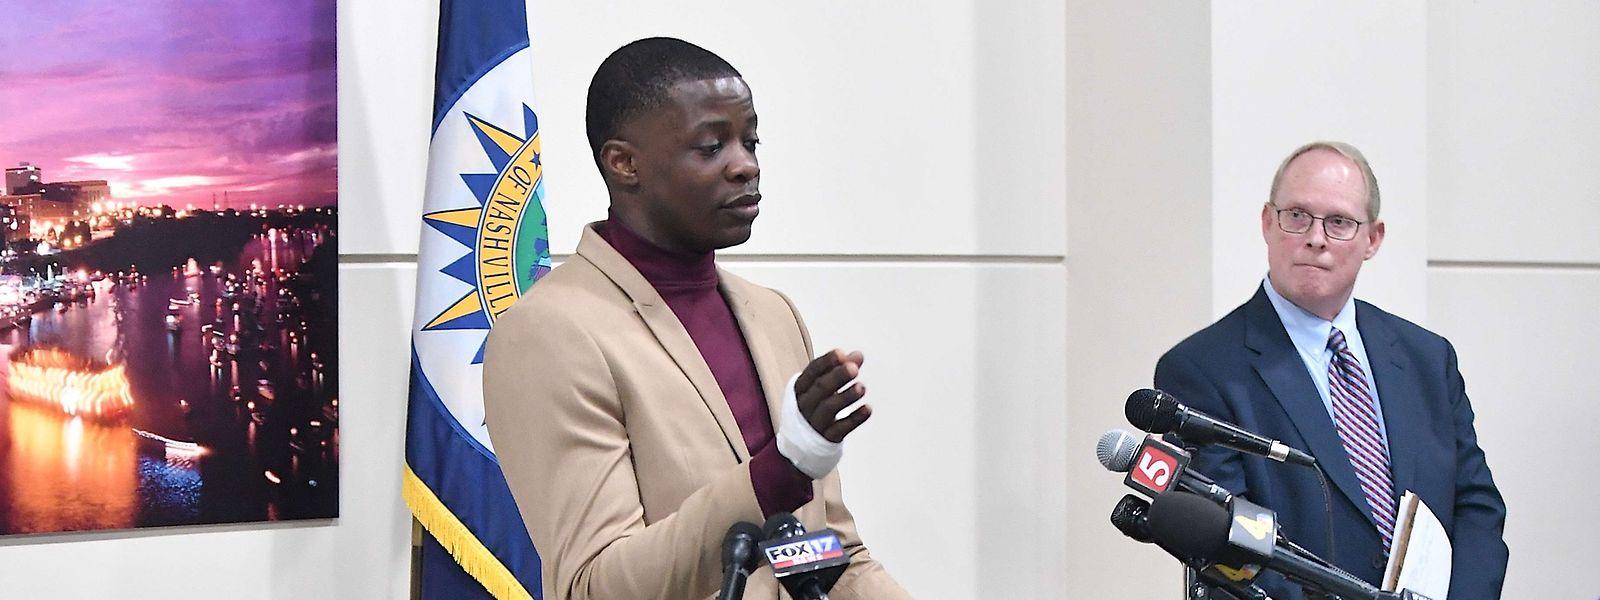 """James Shaw Jr. bei einer Pressekonferenz: """"Ich bin kein Held. Aber wenn er mich umbringen wollte, sollte er dafür arbeiten müssen."""""""